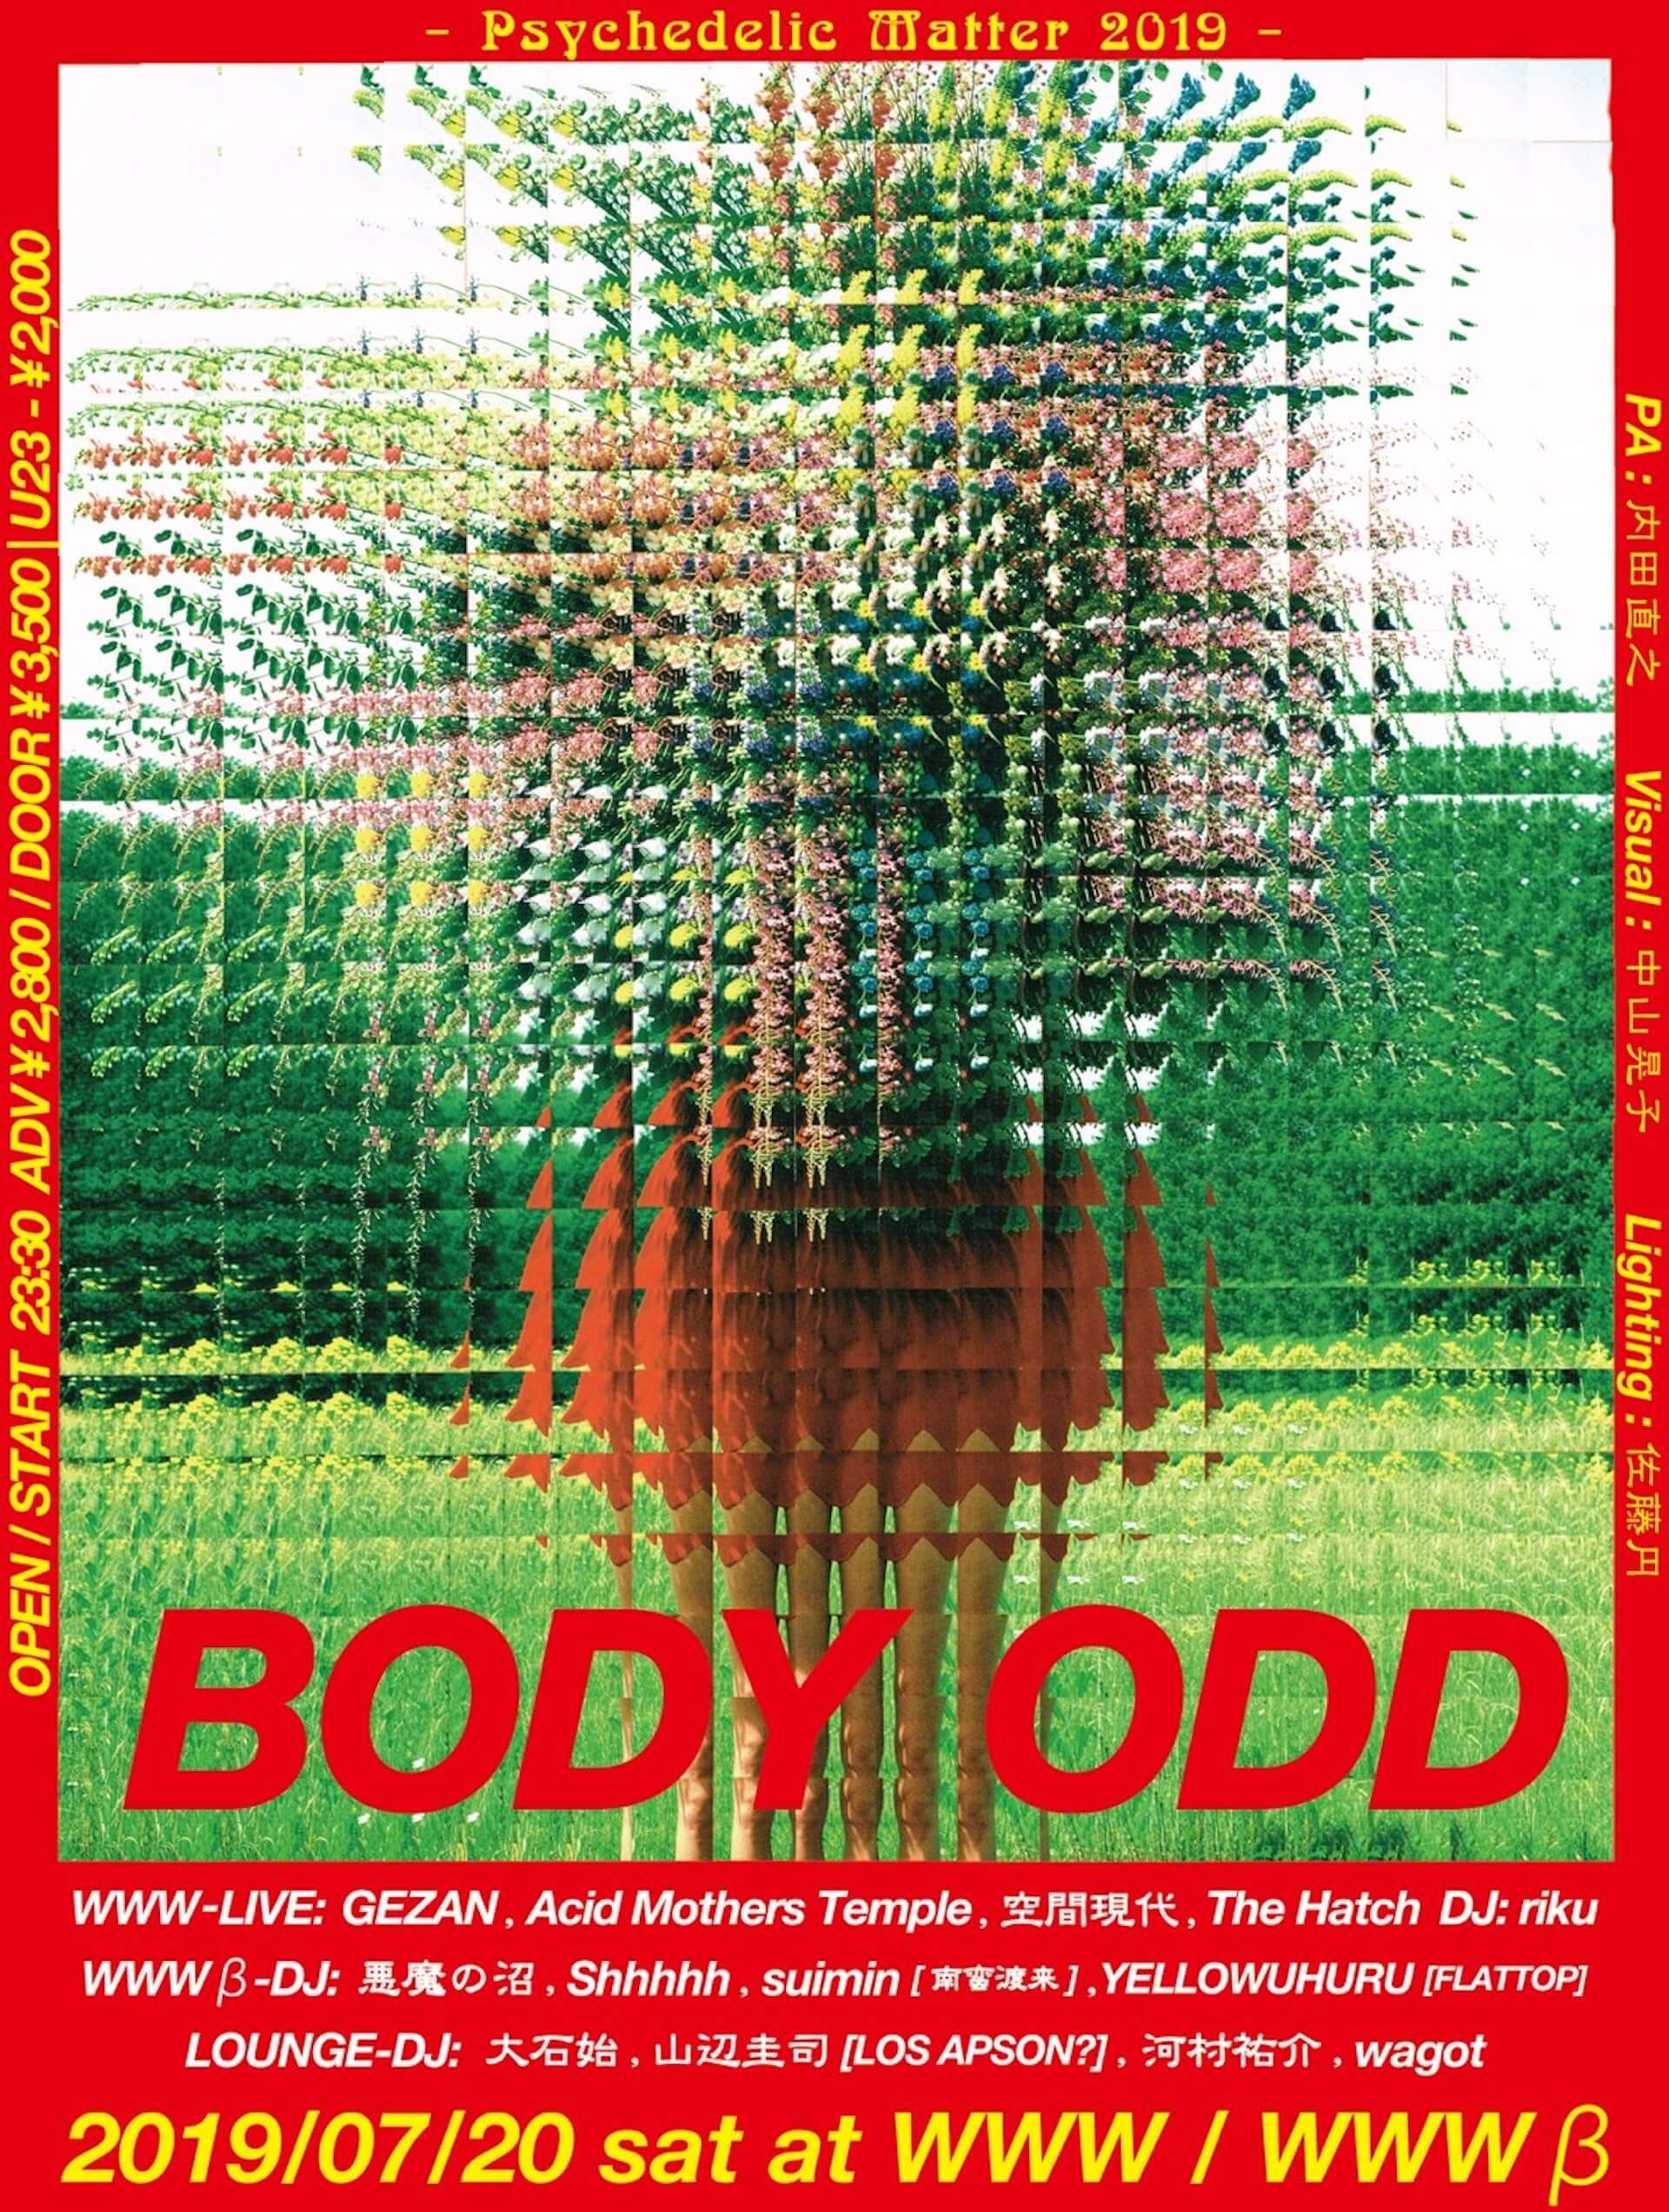 夏のサイケデリック・マター2019!マヒトゥ・ザ・ピーポー&YELLOWUHURU主催<BODY ODD>がWWW/WWWβ + LOUNGEの3フロアで開催 music190620-bodyodd-2-1920x2545